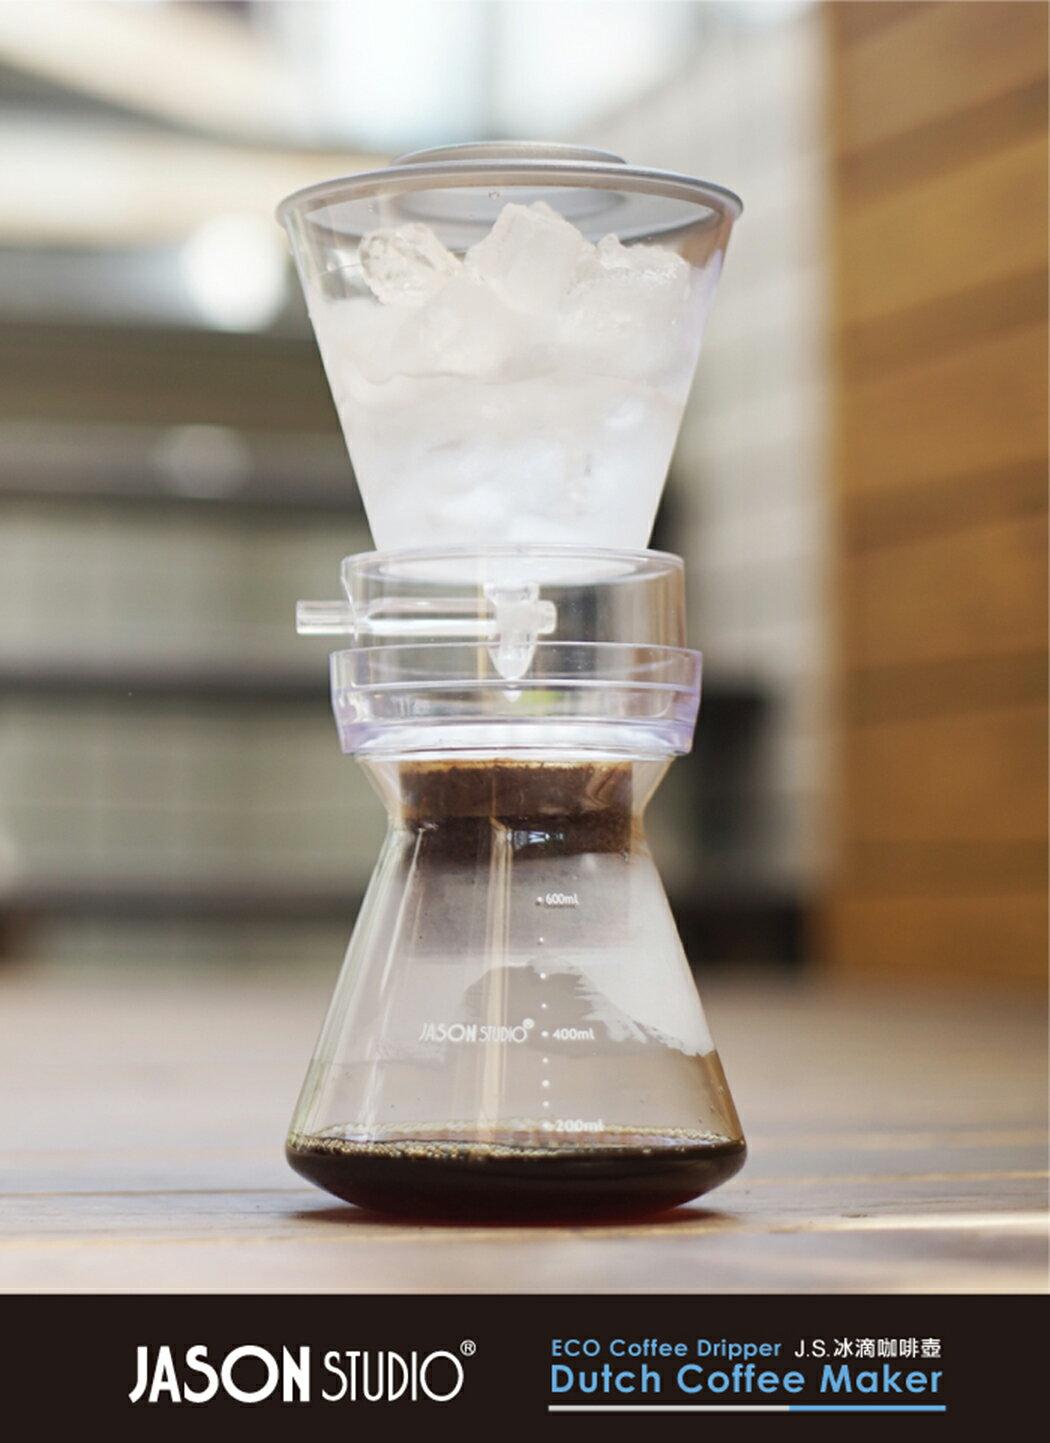 J.S.冰滴咖啡壺600ml/冷萃/冷泡/手沖咖啡/滴漏式/冰釀咖啡